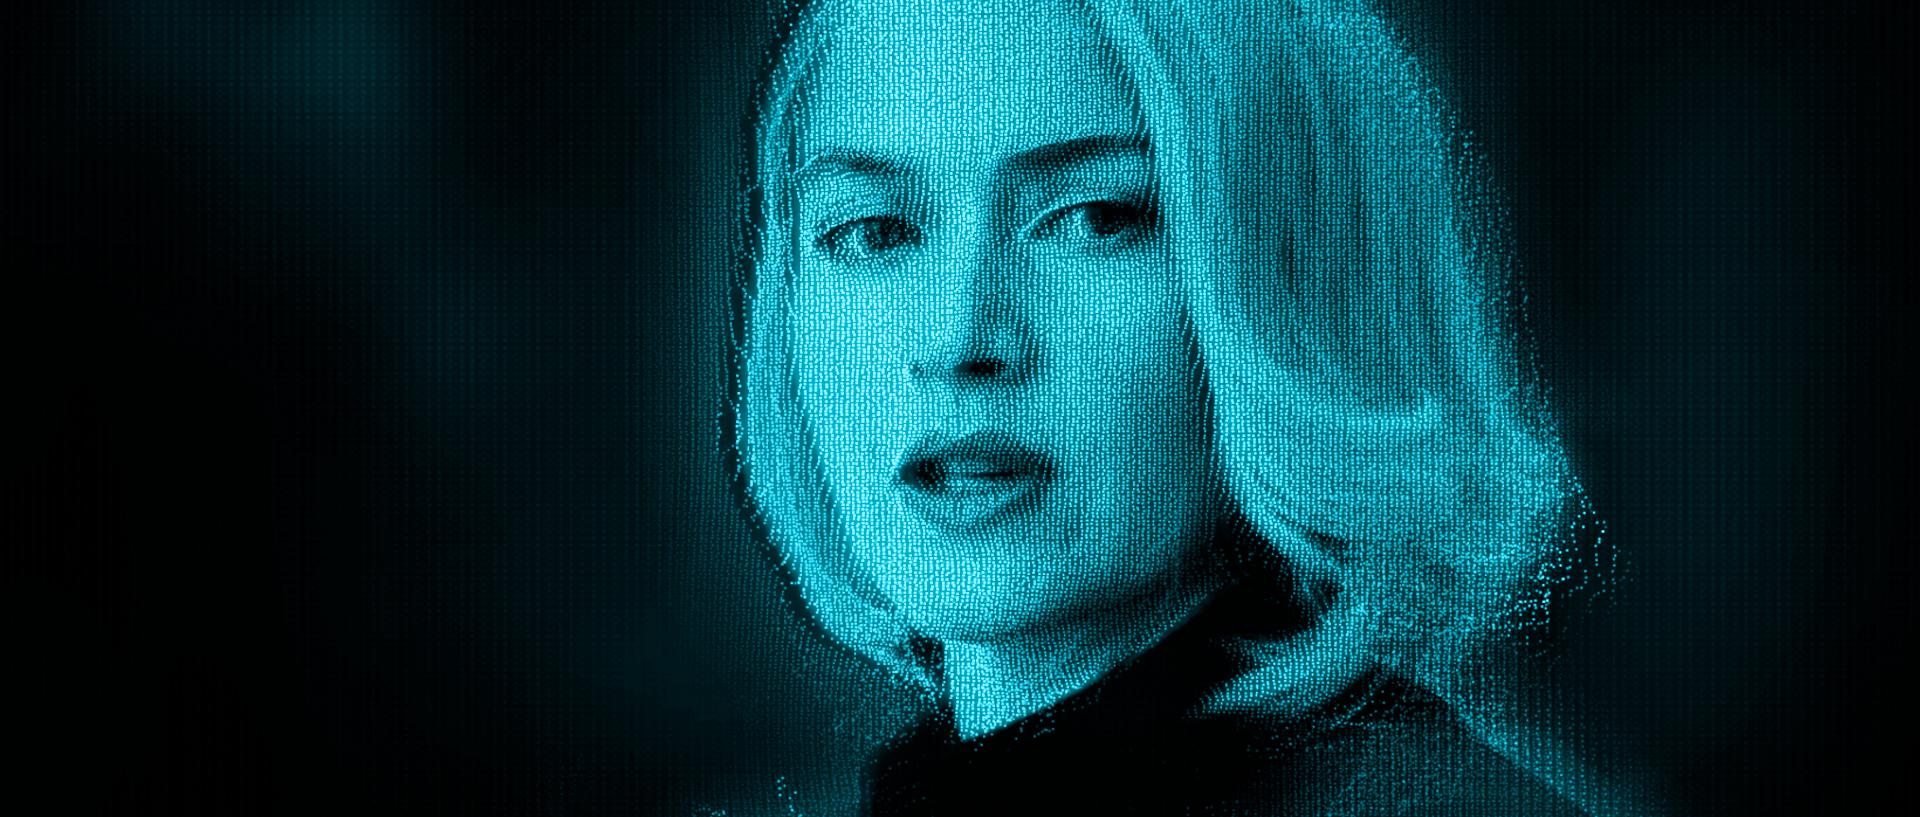 Insurgent_hologram_13.jpg